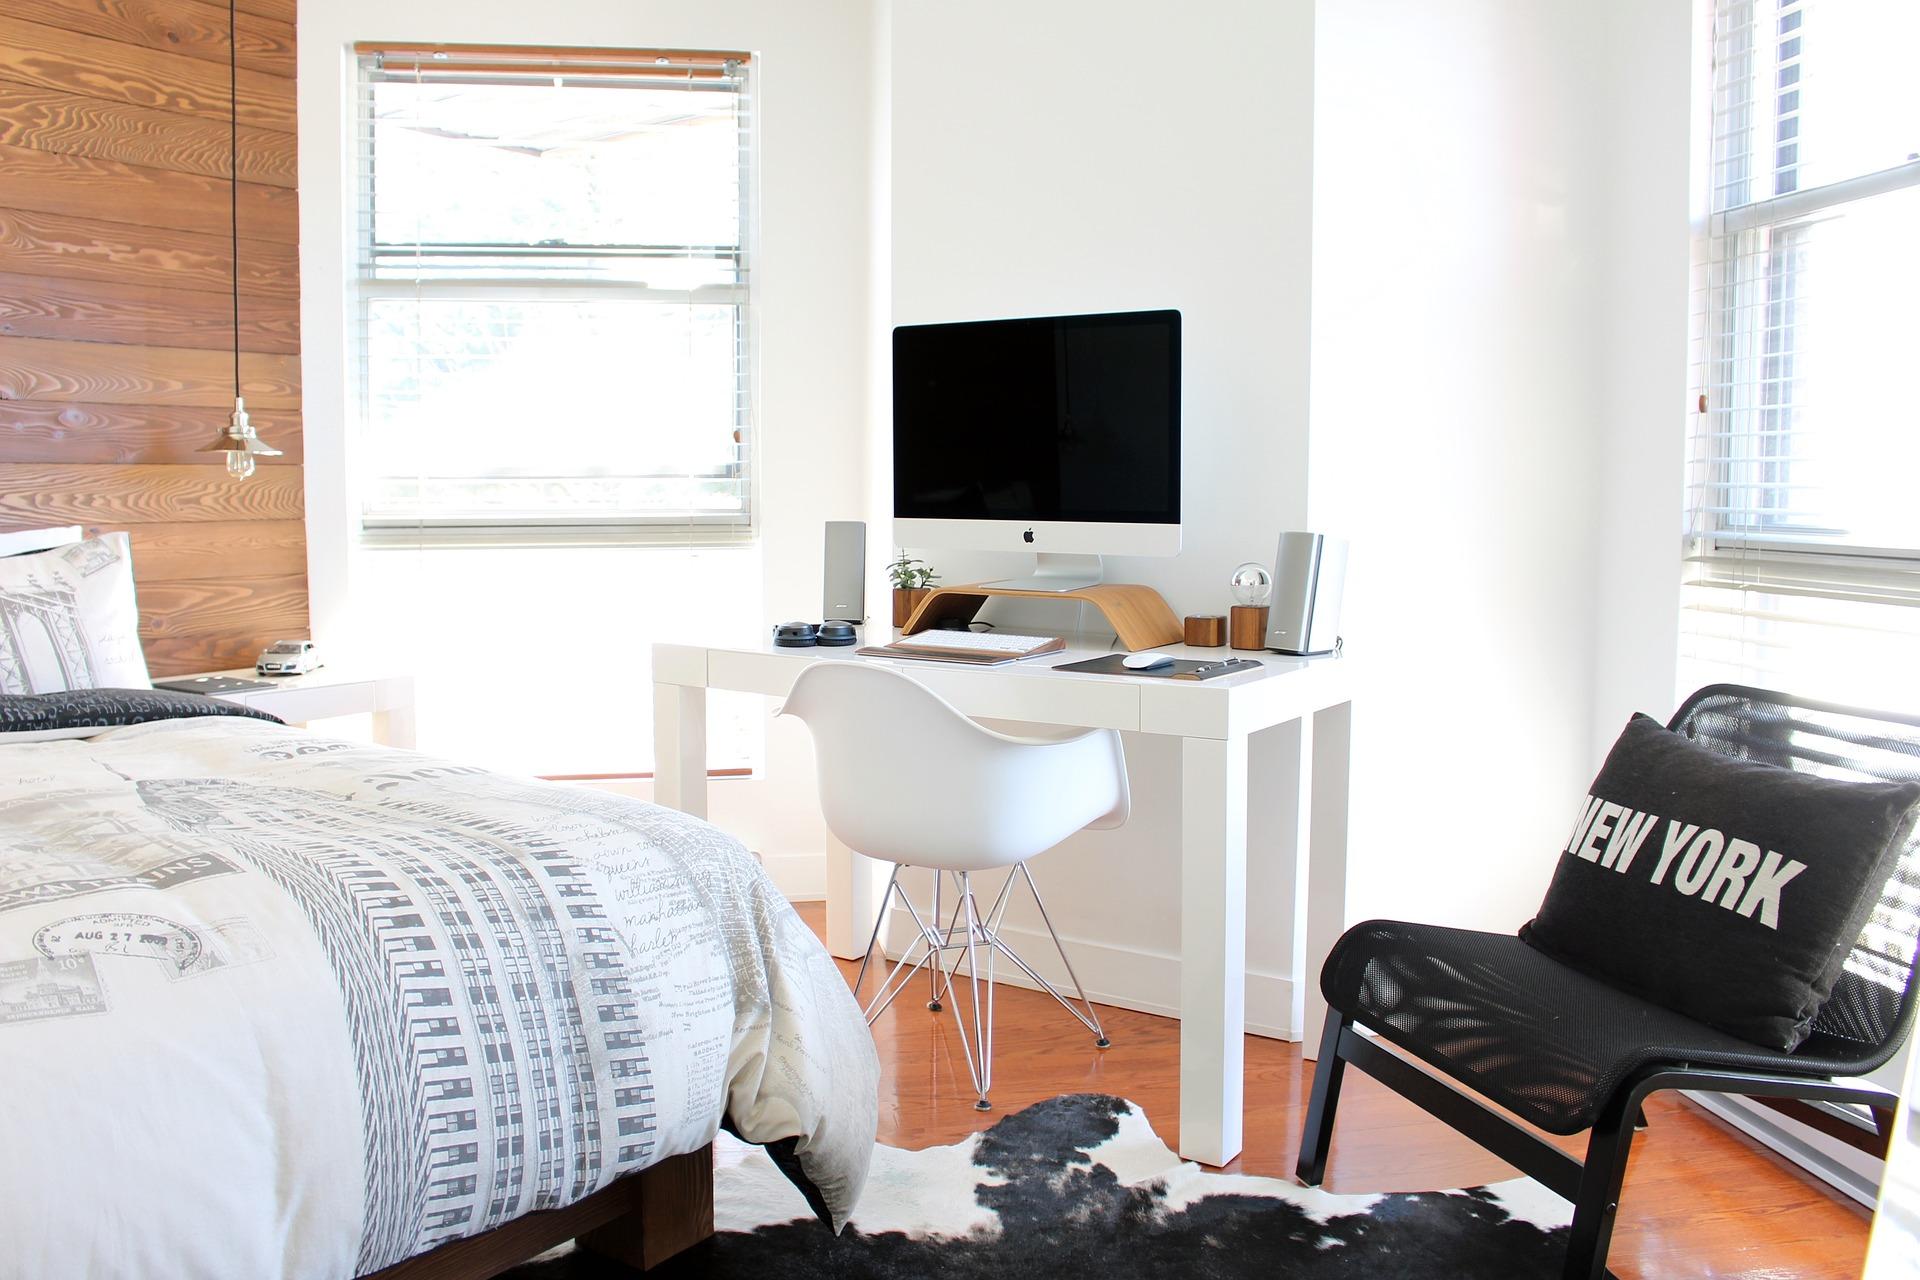 Les_choses_à_faire_et_à_ne_pas_faire_pour_acheter_des_meubles_avec_un_budget_limité